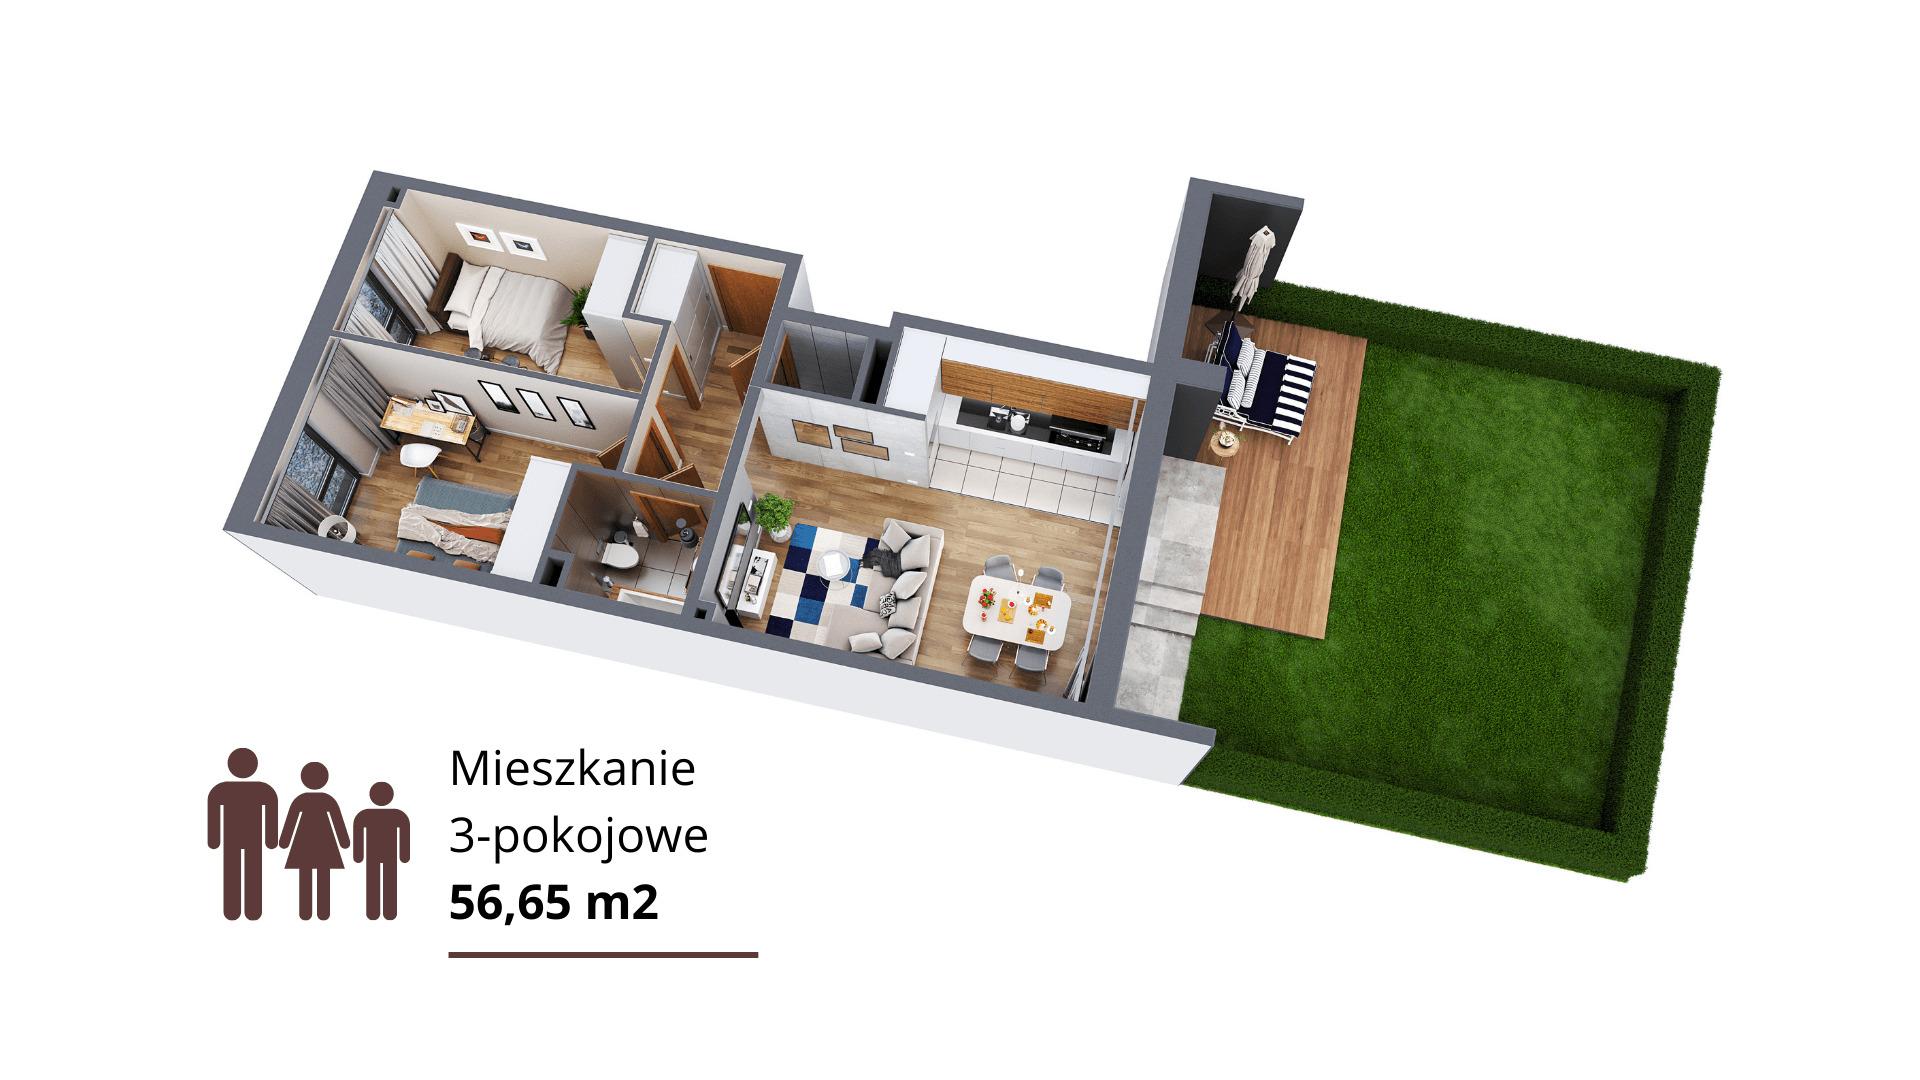 3. Mieszkanie 3-pokojowe